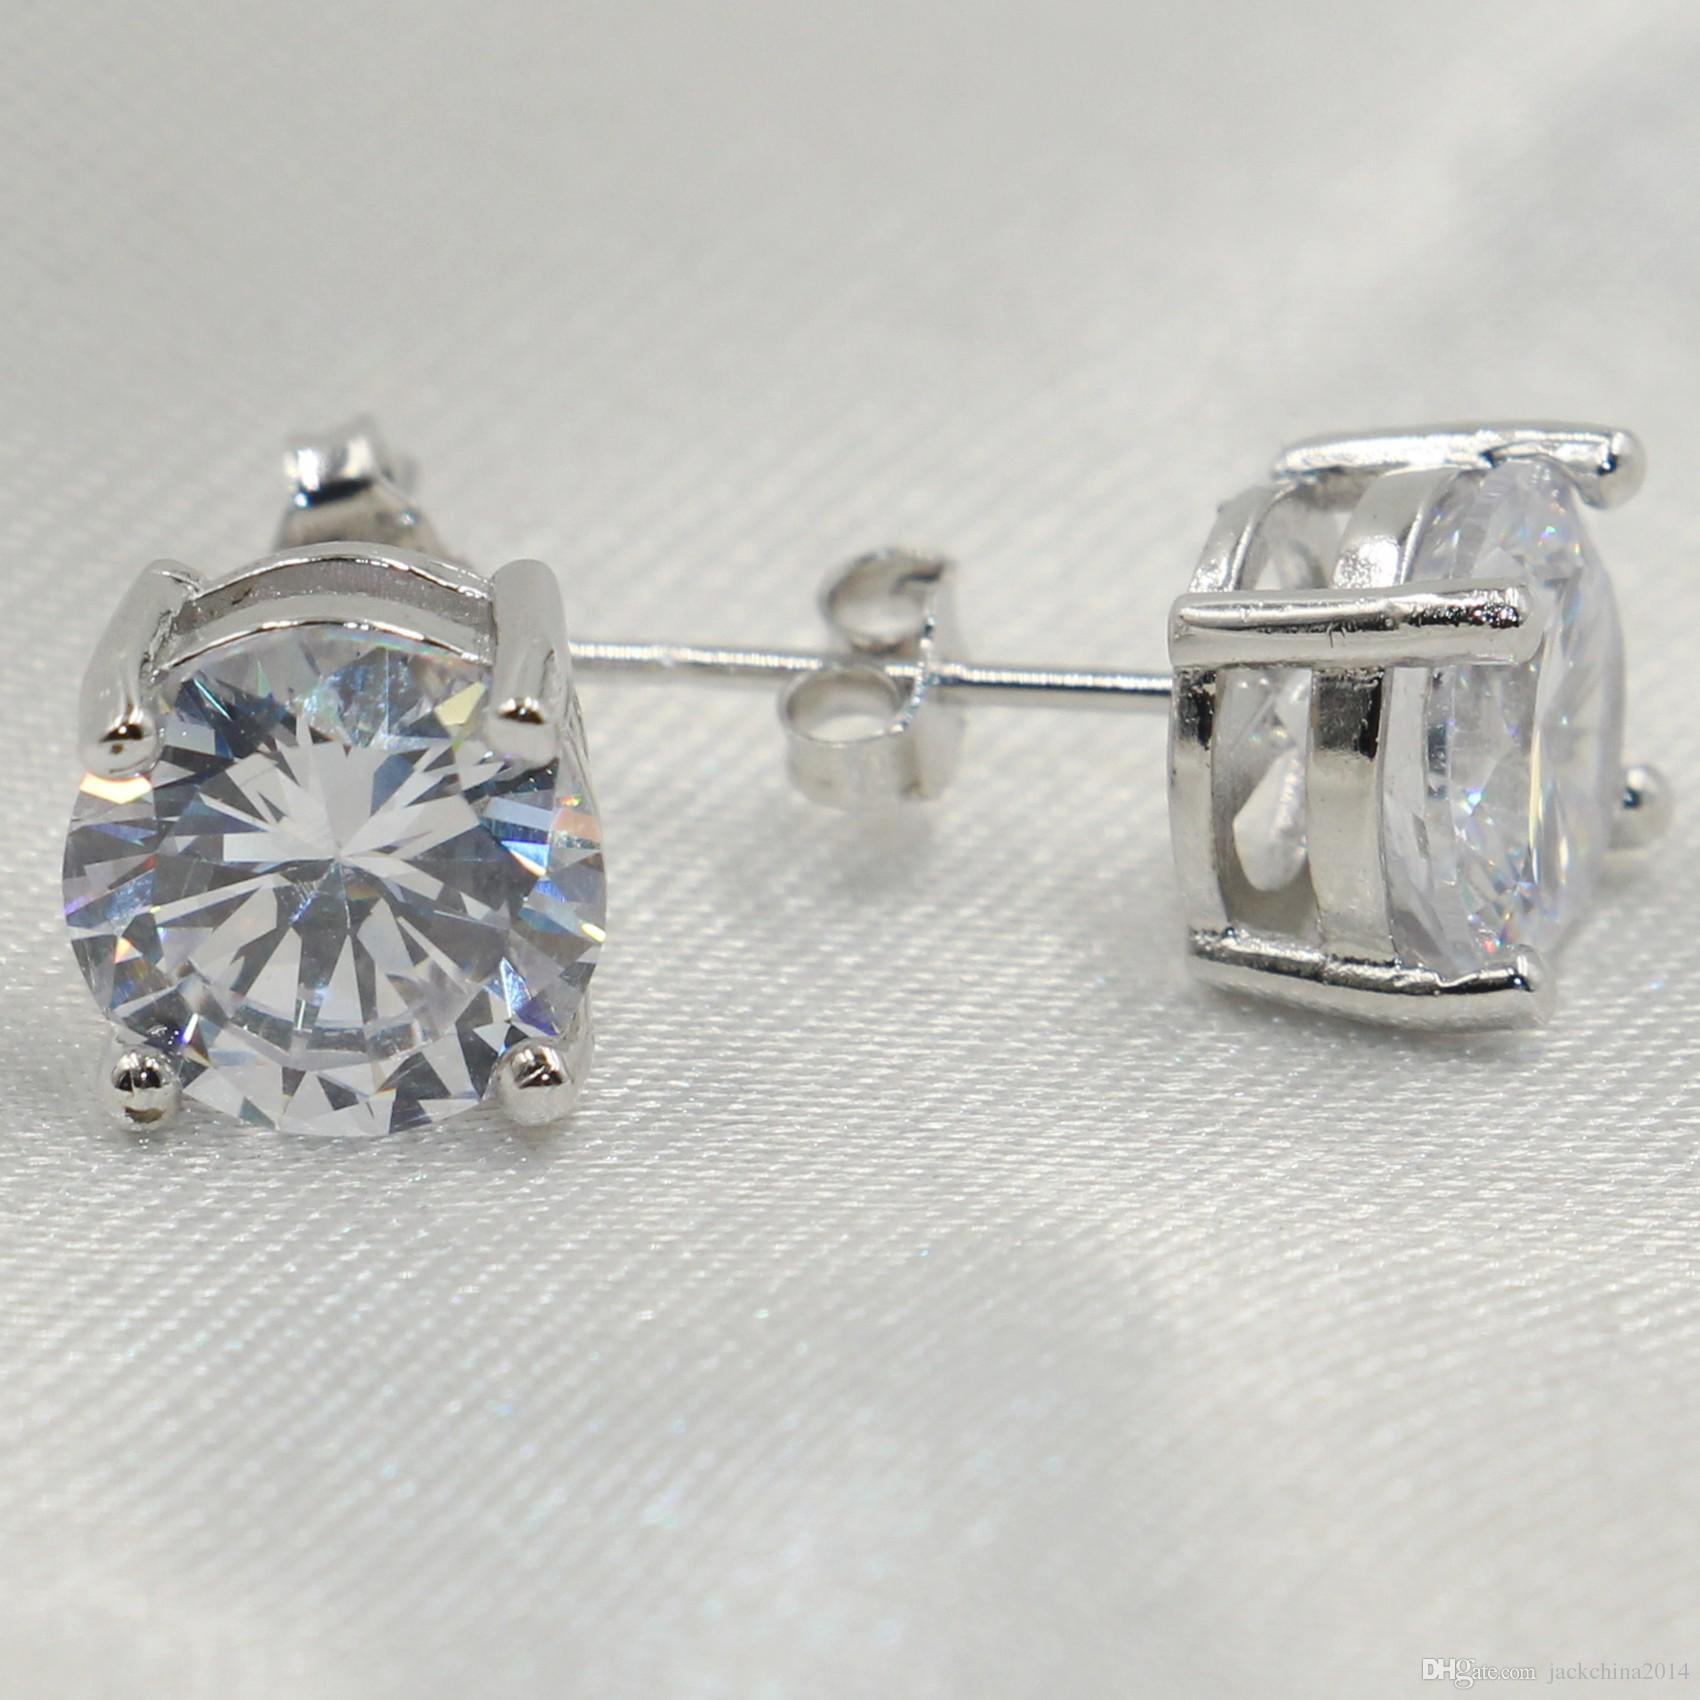 Choucong Heißer Verkauf Romantische Schmuck Ohrstecker Für Hochzeit Elegante 925 Silber Farbe 5A Zirkonia Stein CZ Diamant Ohrring Geschenk